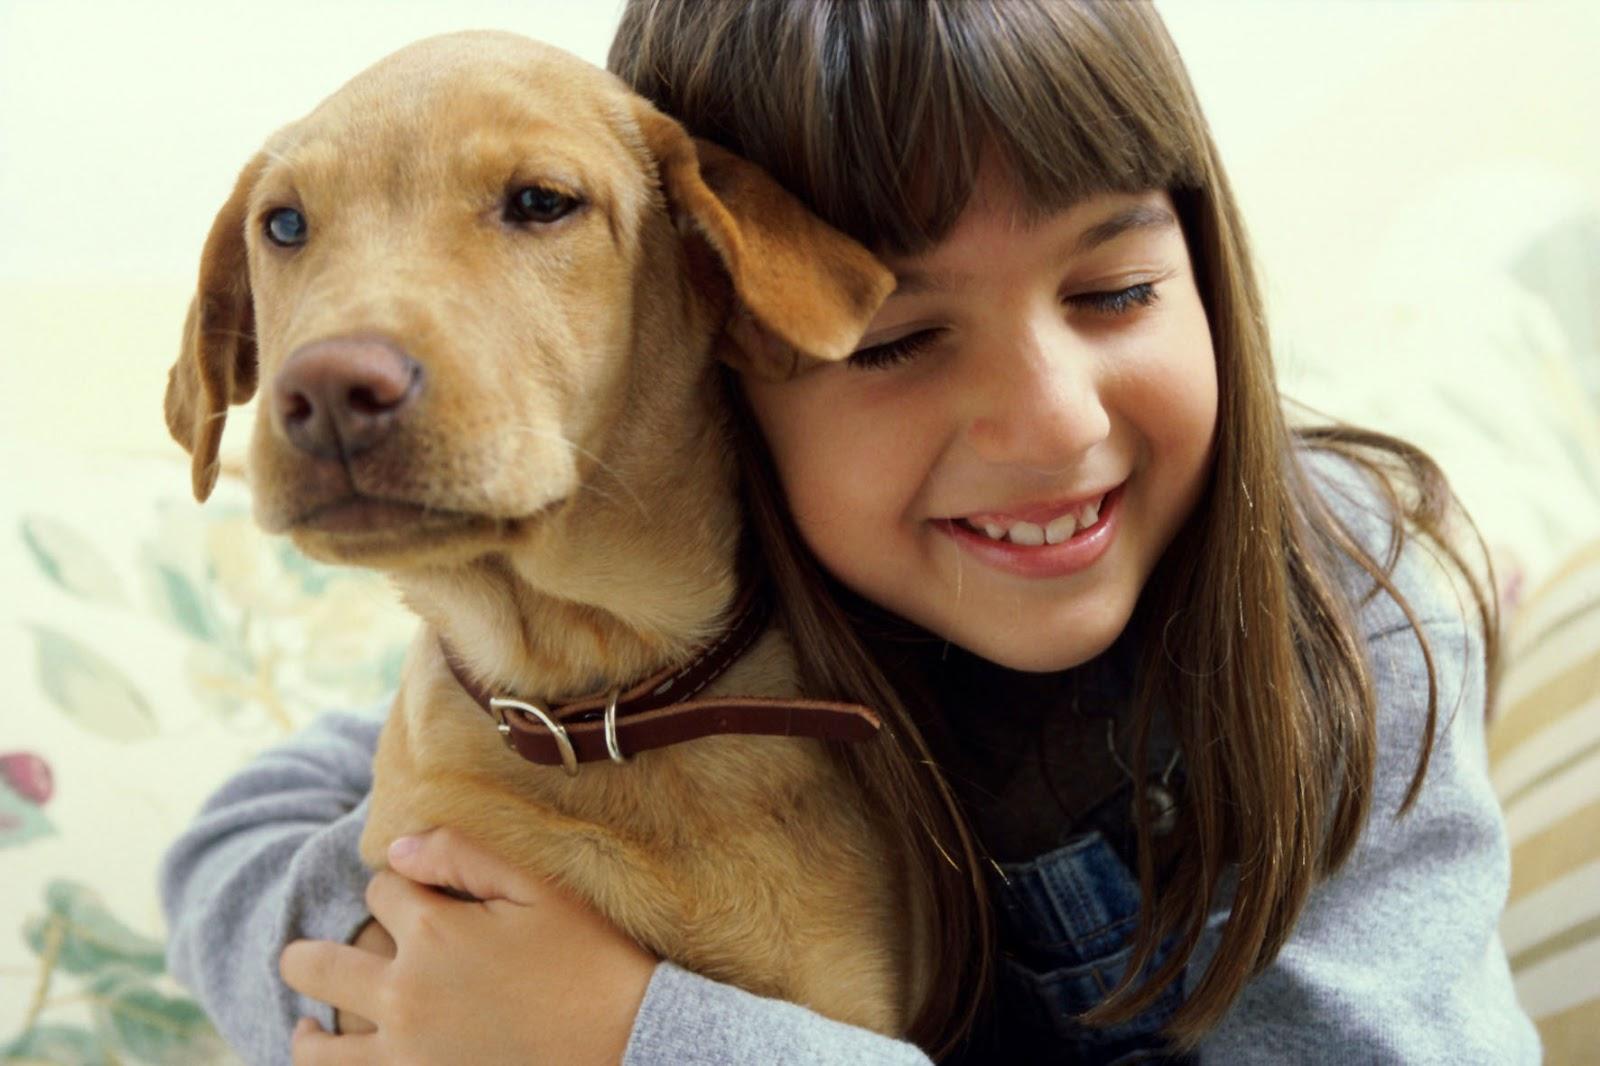 Cómo saber si mi perro me quiere: cuidados y nombres para tu mascota. Dueño abrazando a su perro